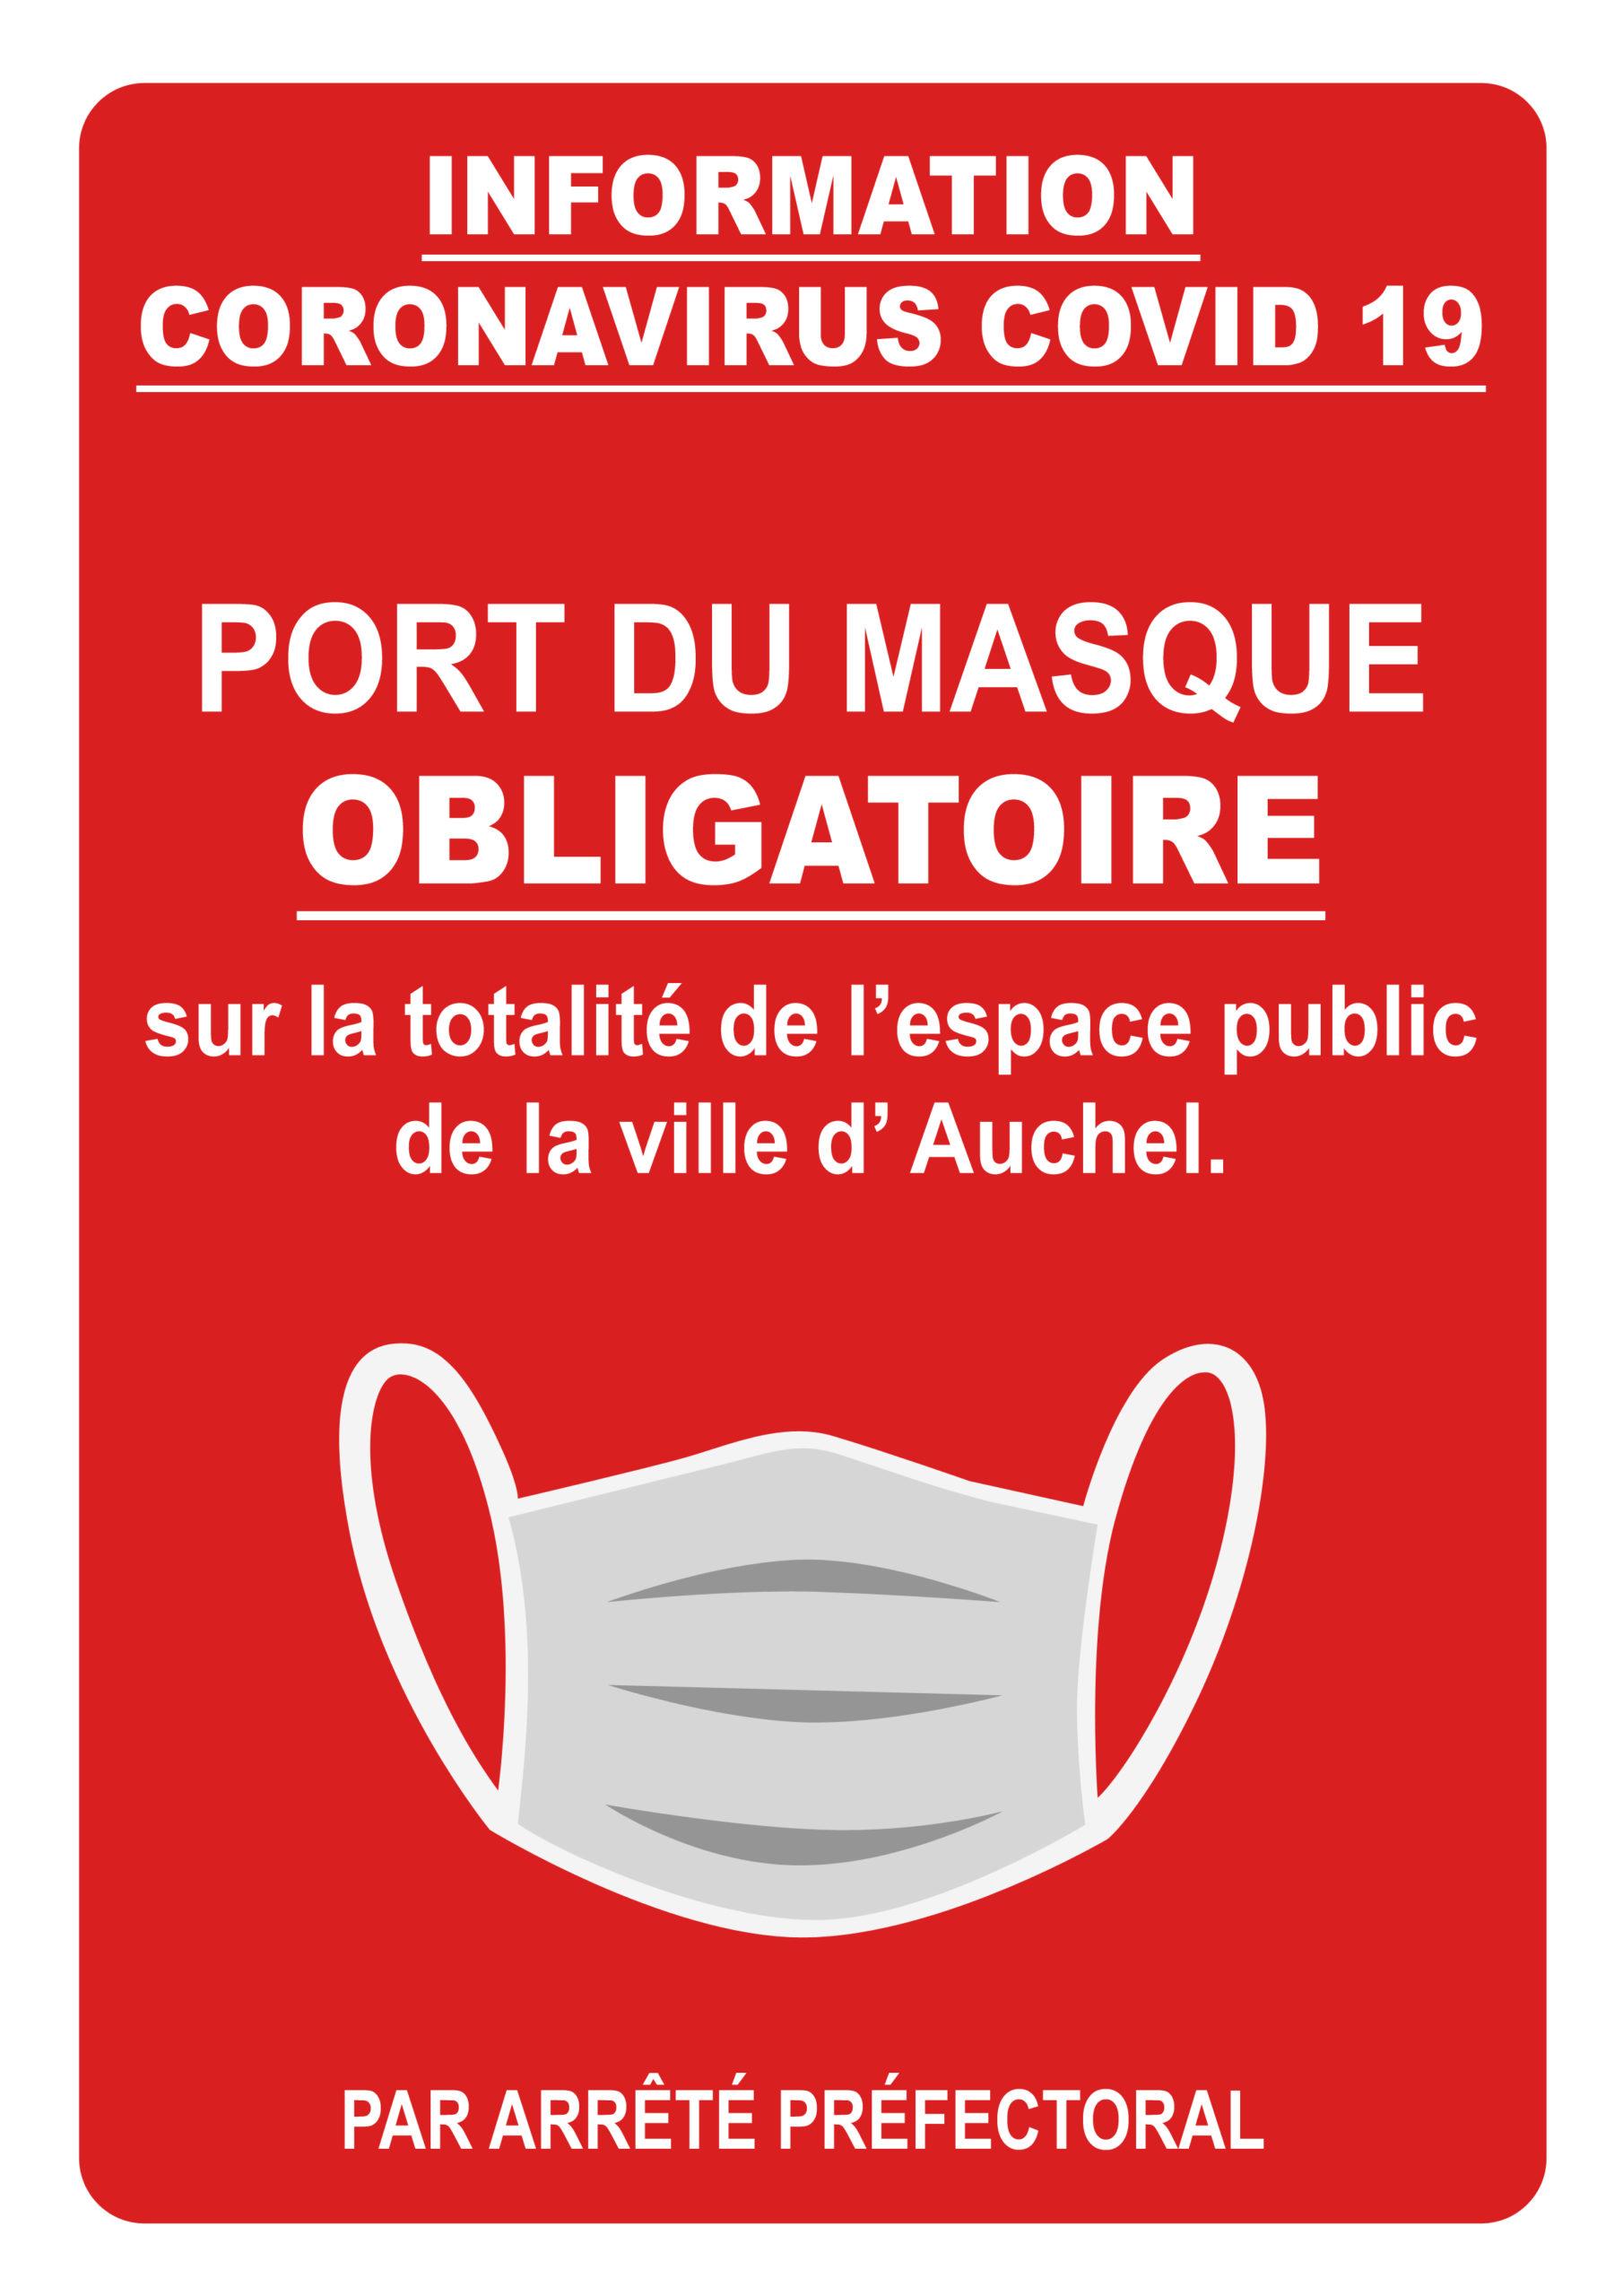 PORT DU MASQUE OBLIGATOIRE DANS LA TOTALITE DE L'ESPACE PUBLIC